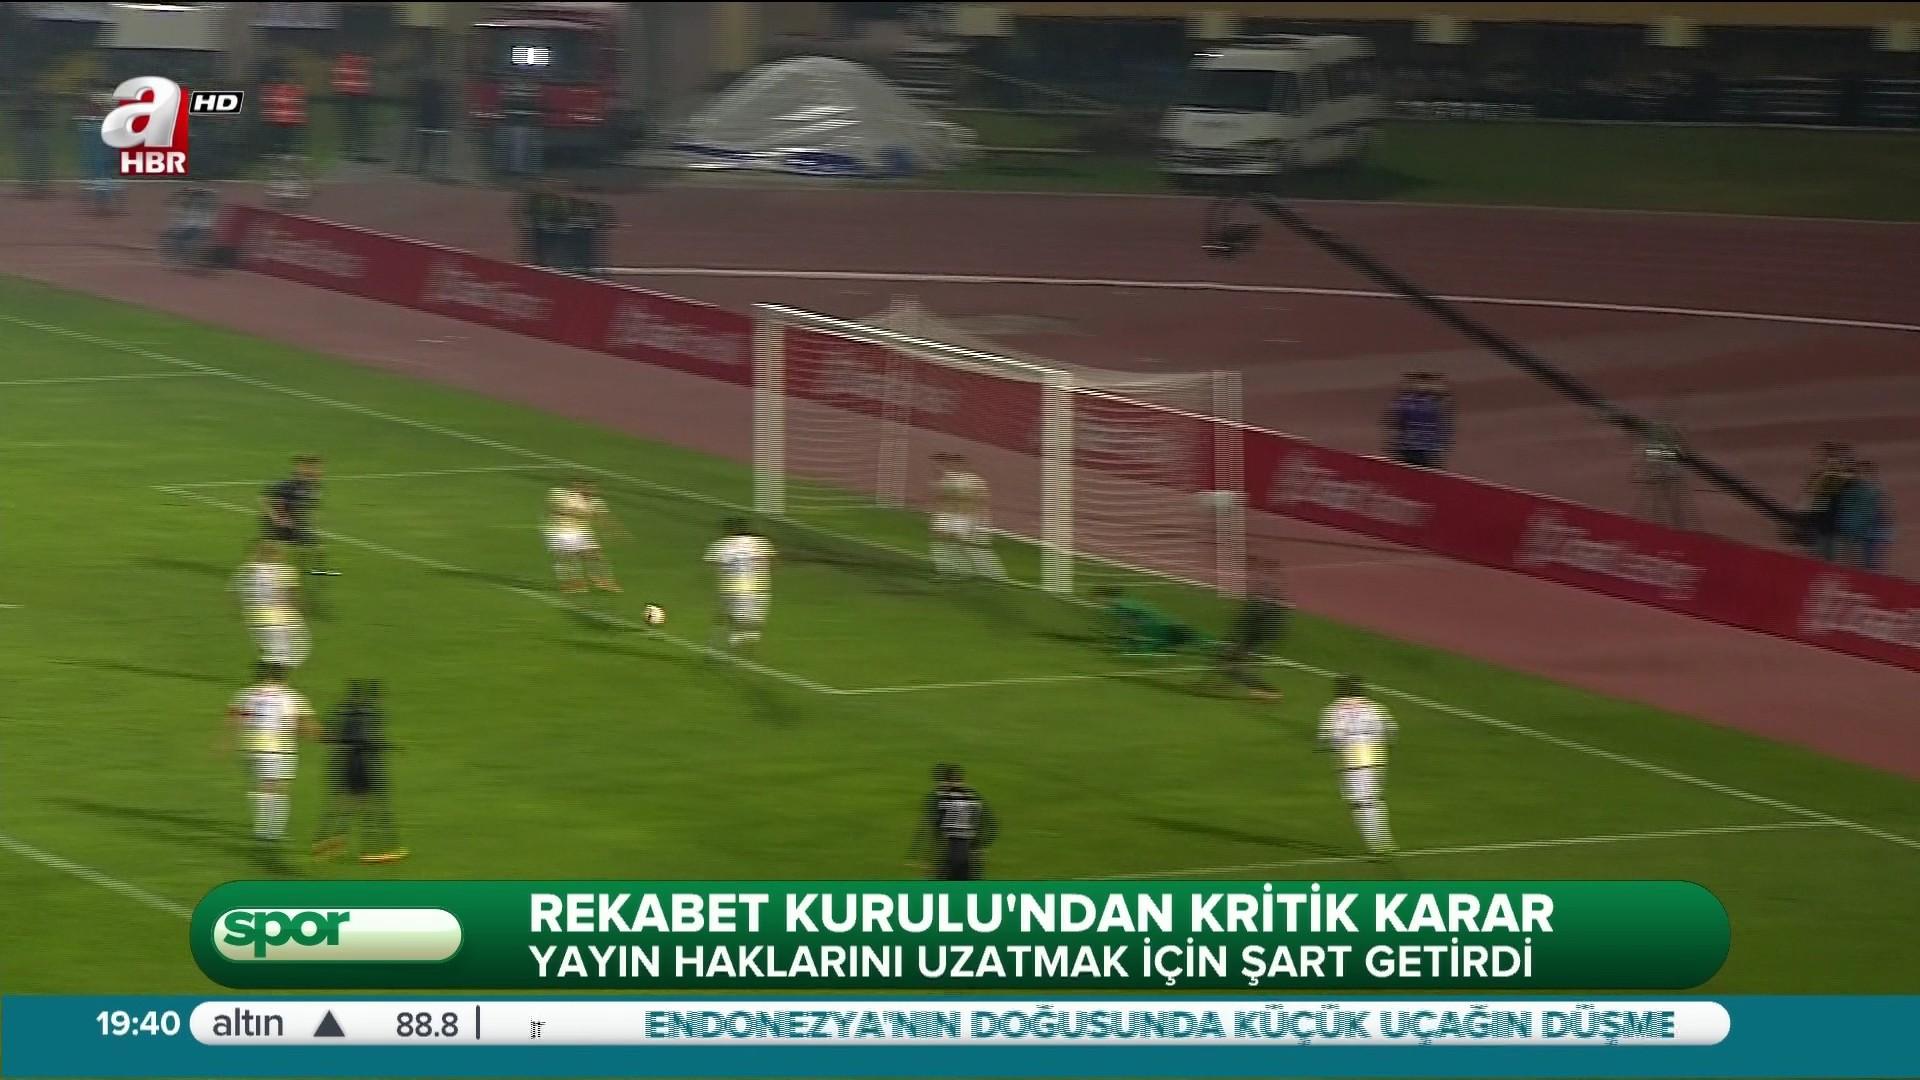 Kural hatası var denen Fenerbahçe-Kasımpaşa maçının hakem raporu ortaya çıktı 52